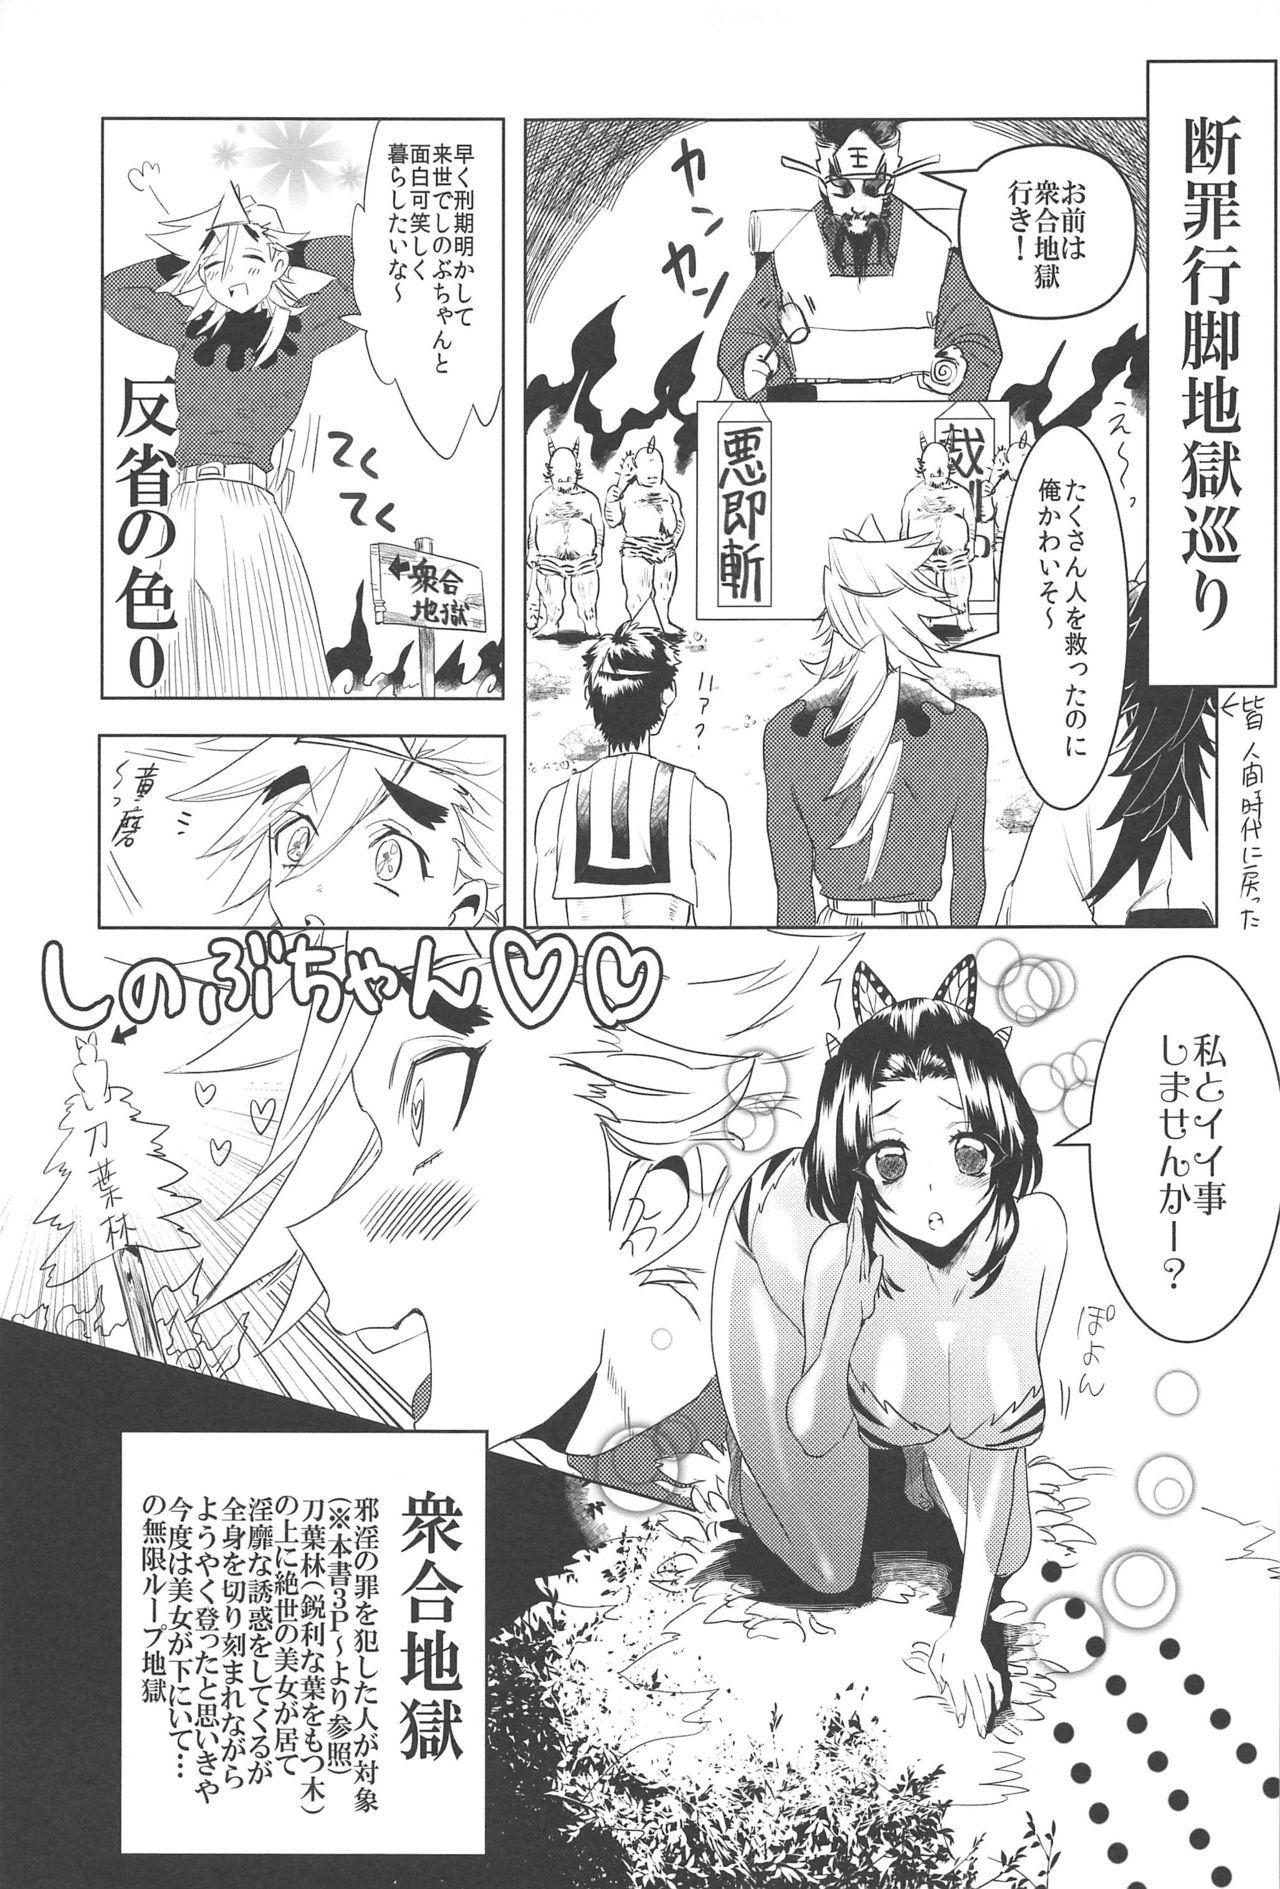 Mushibashira Zecchou Kairaku Shugou Acme Jigoku 19